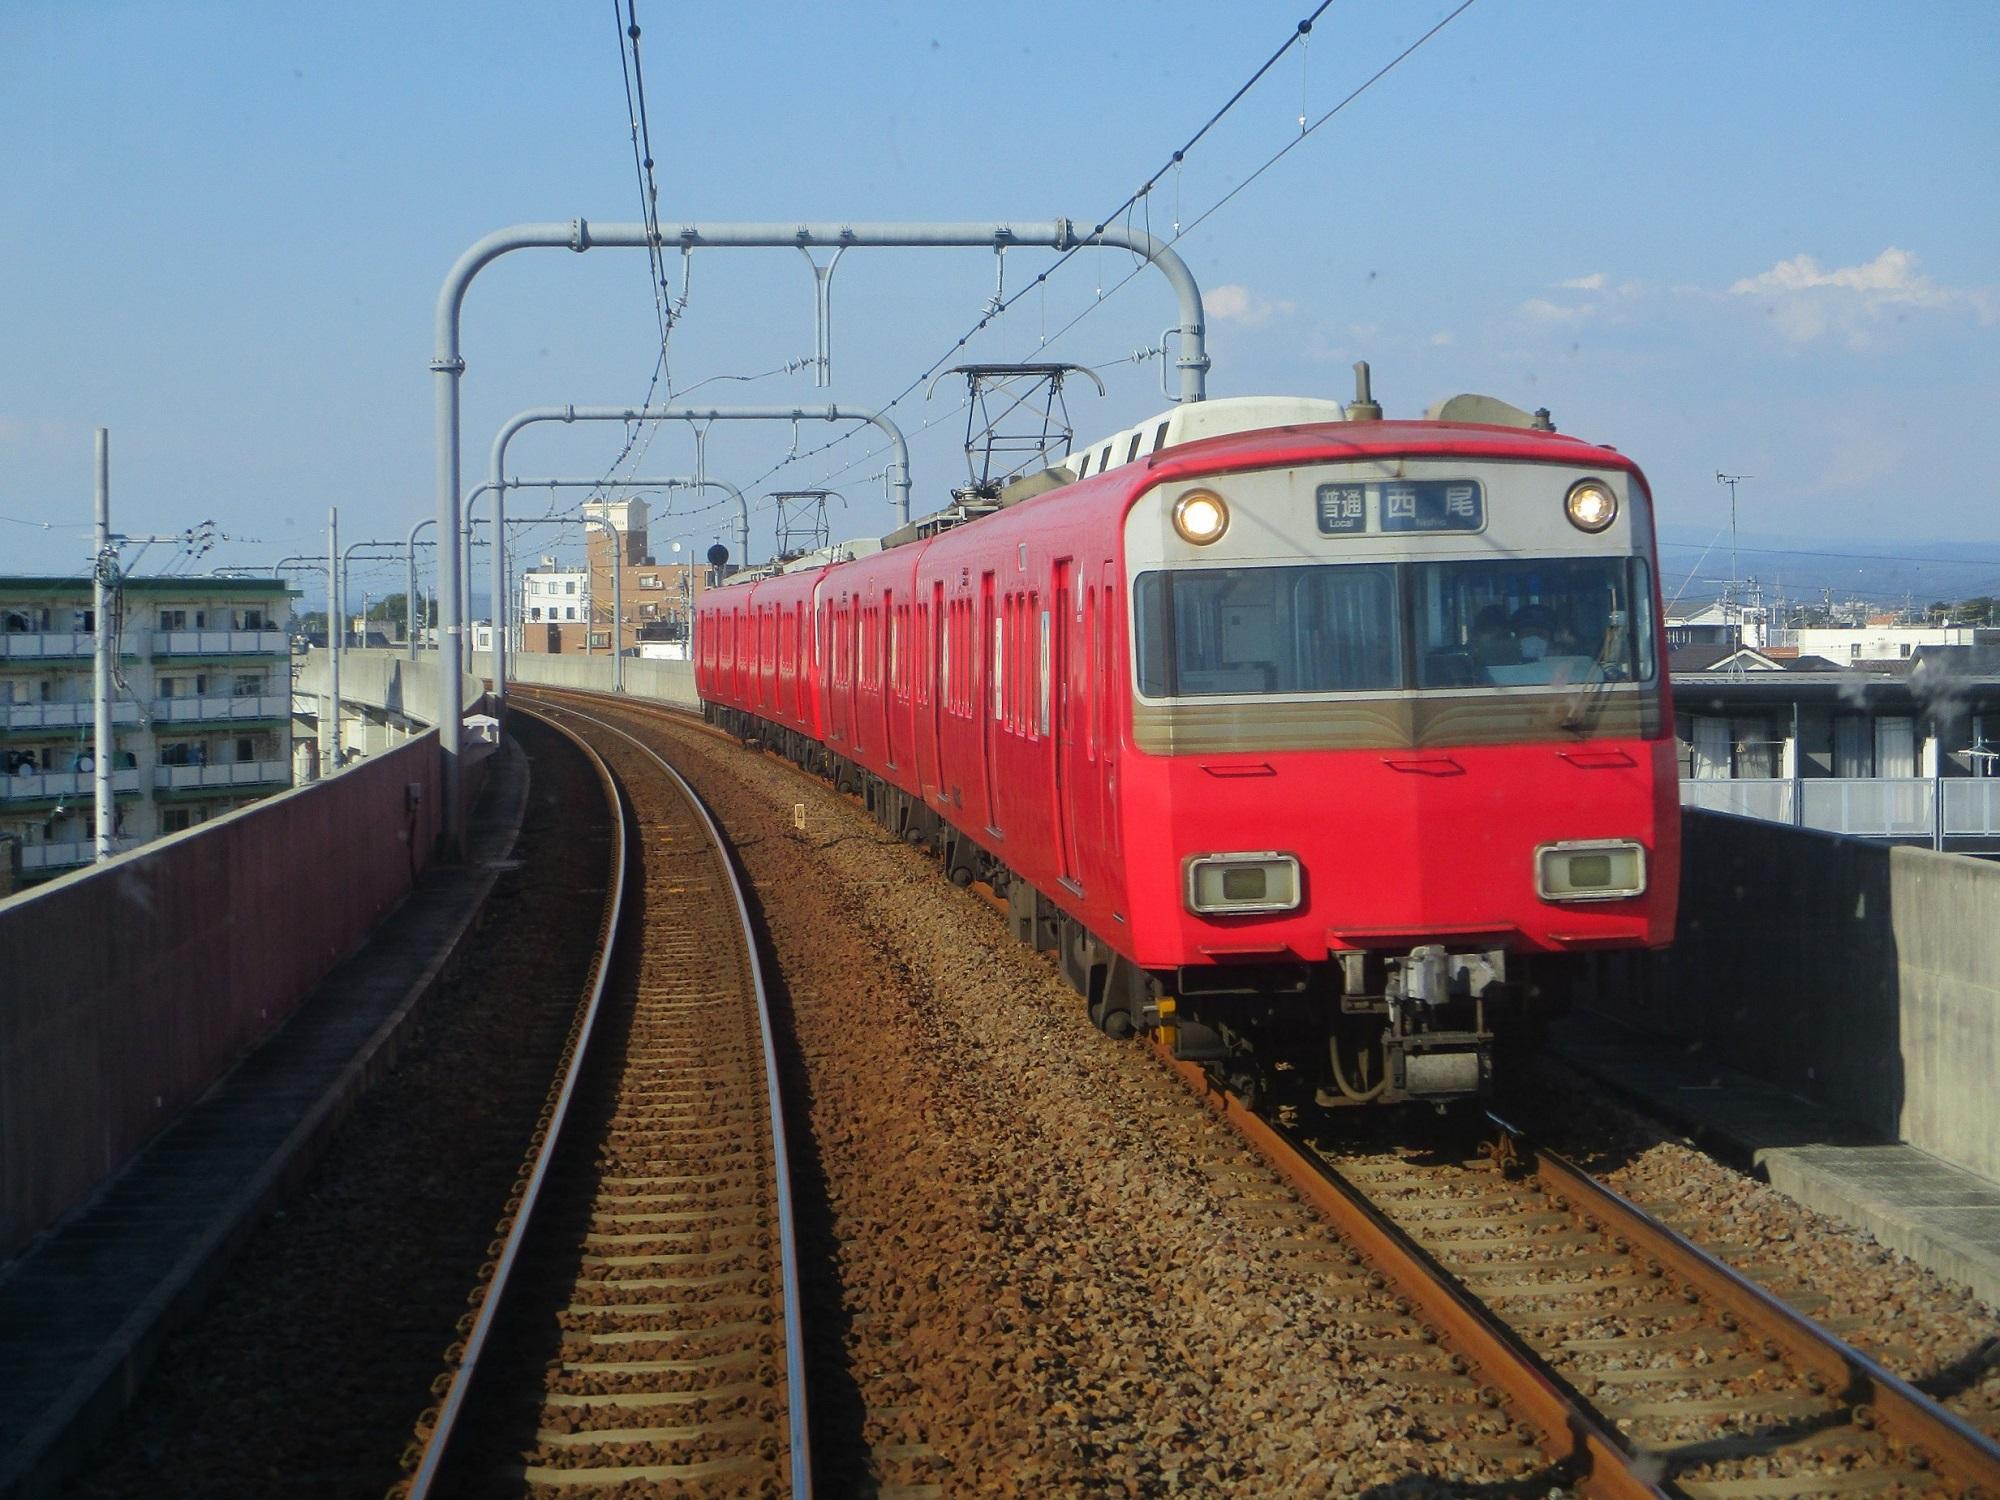 2020.5.29 (37) 南桜井桜井間(西尾いきふつう) 2000-1500